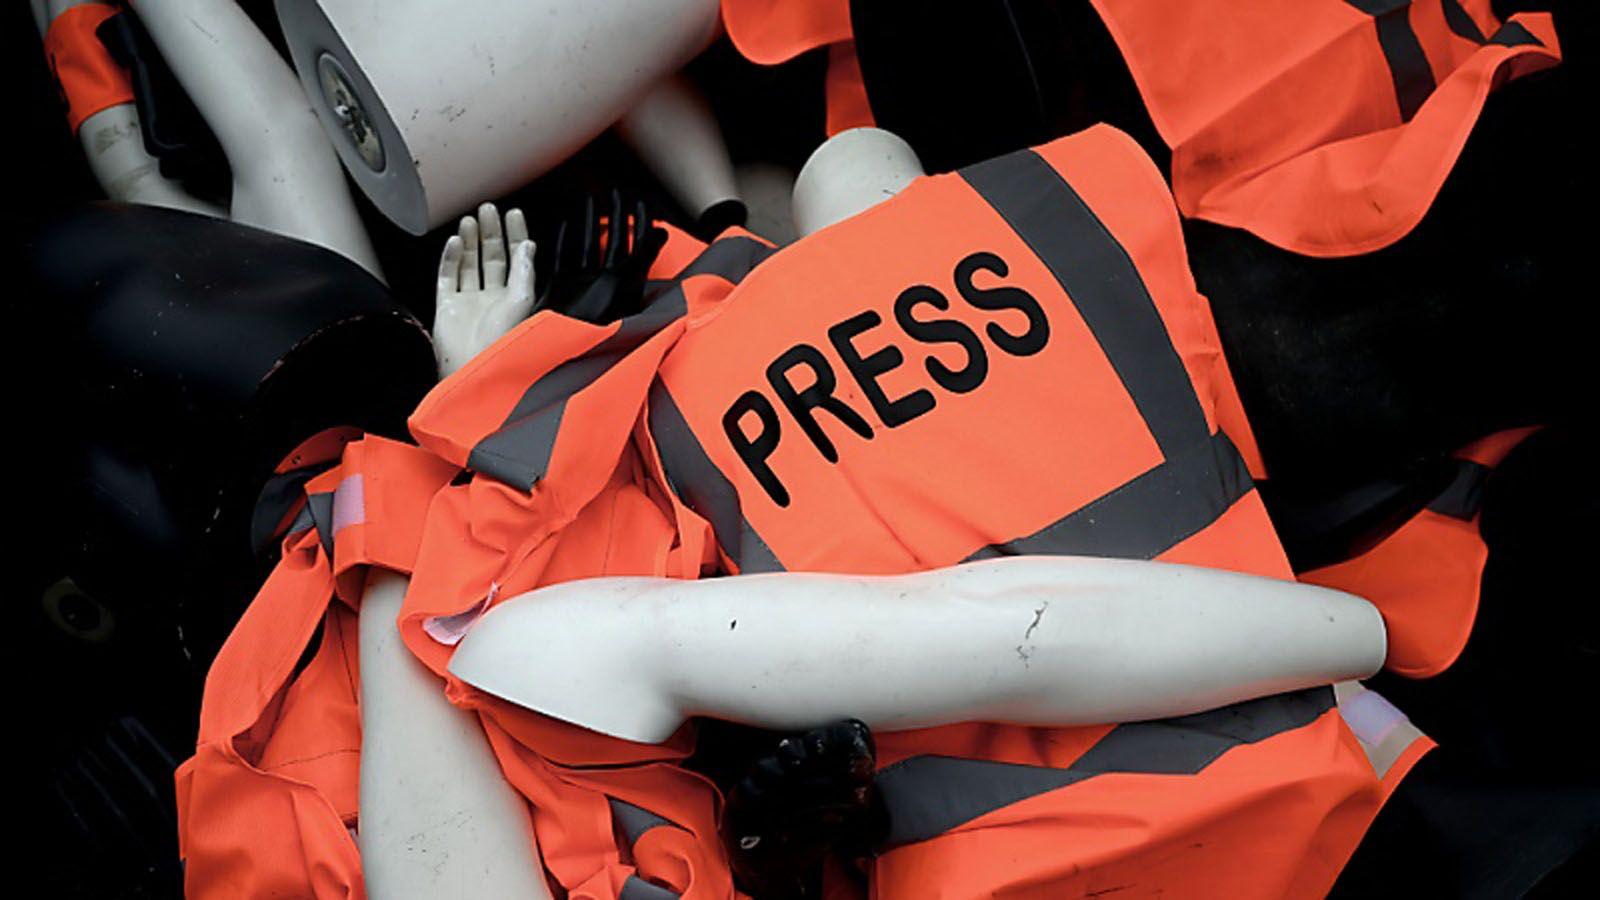 Pressefreiheit-Schutz-Kodex-f-r-Journalisten-in-Deutschland-ver-ffentlicht